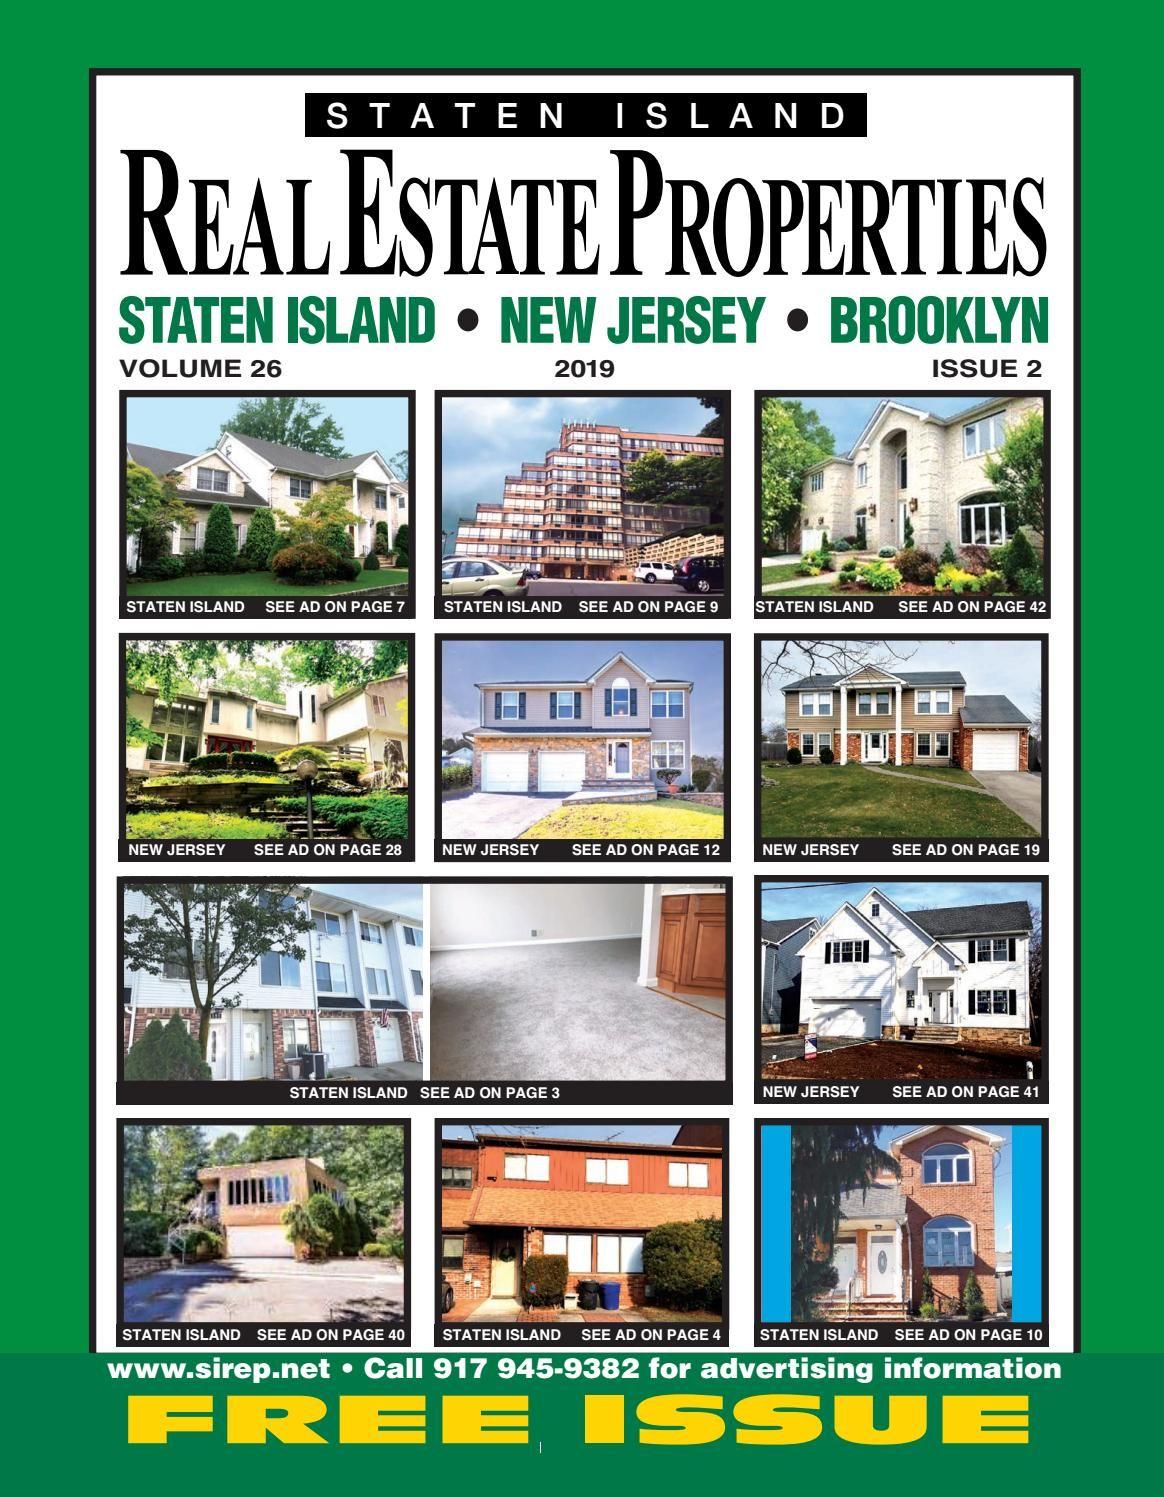 Staten Island Real Estate Properties 2 2019 | Real estate ...